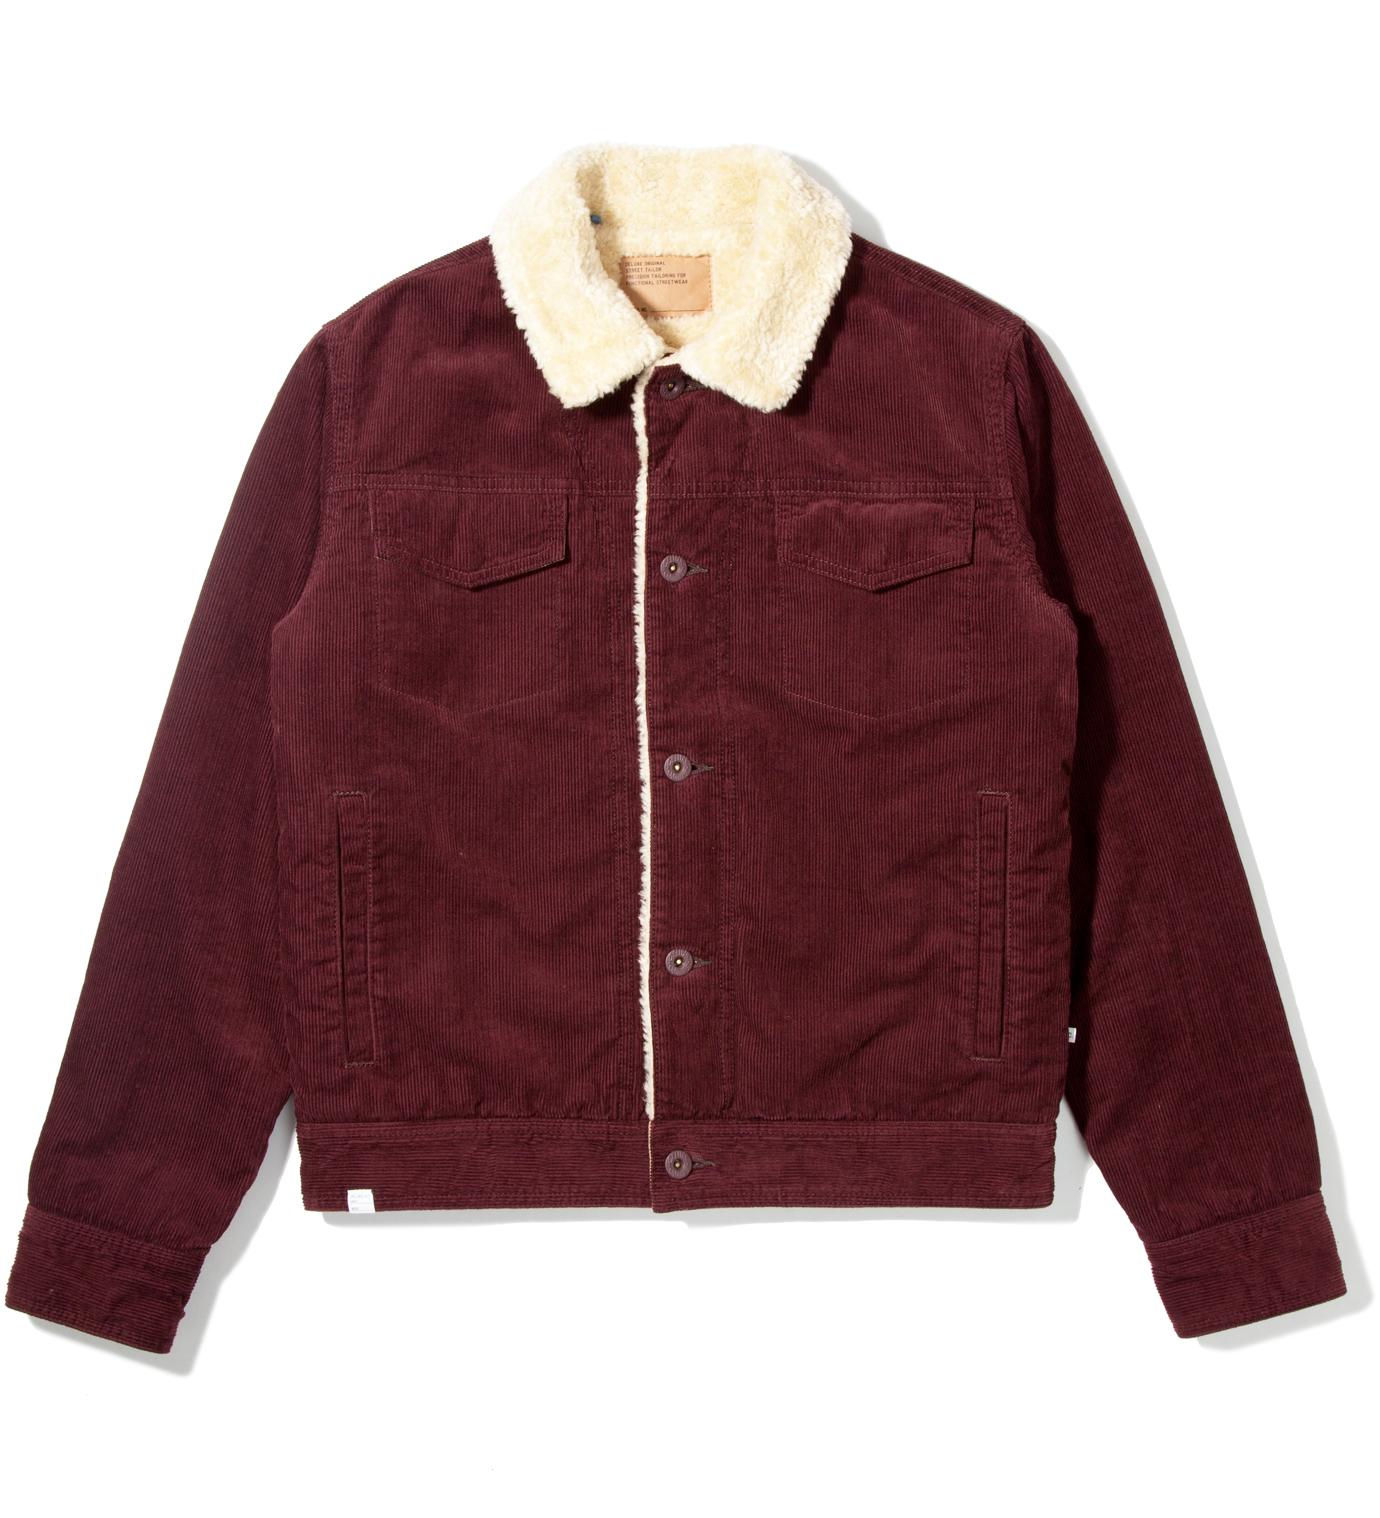 DELUXE Burgundy Rogue Jacket